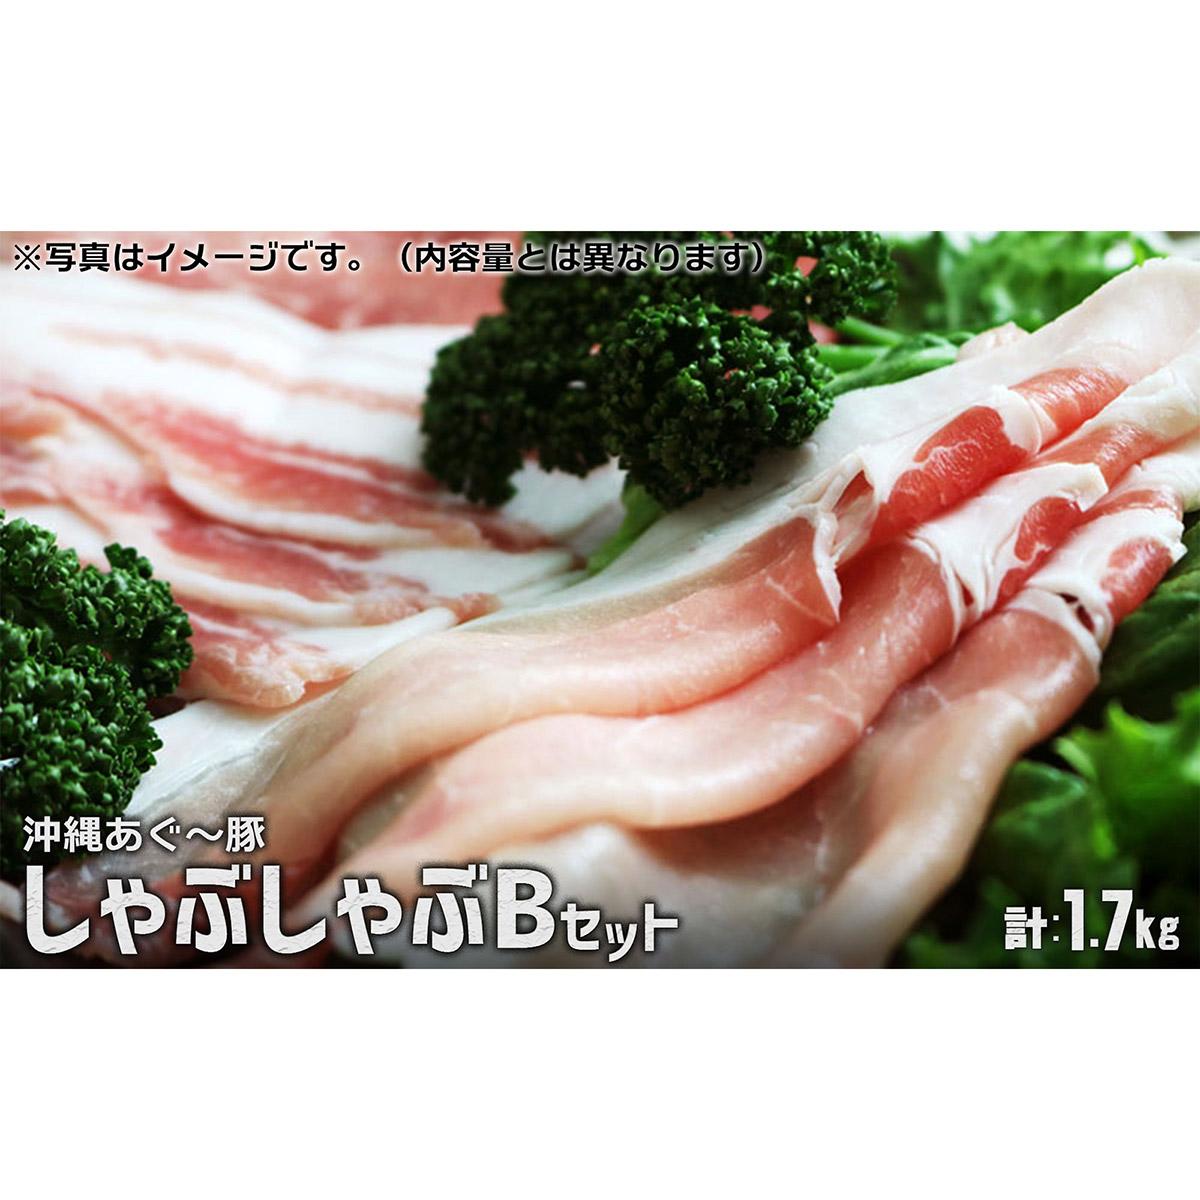 【ふるさと納税】【東村北斗農場産】沖縄あぐー豚しゃぶしゃぶBセット 1.7kg